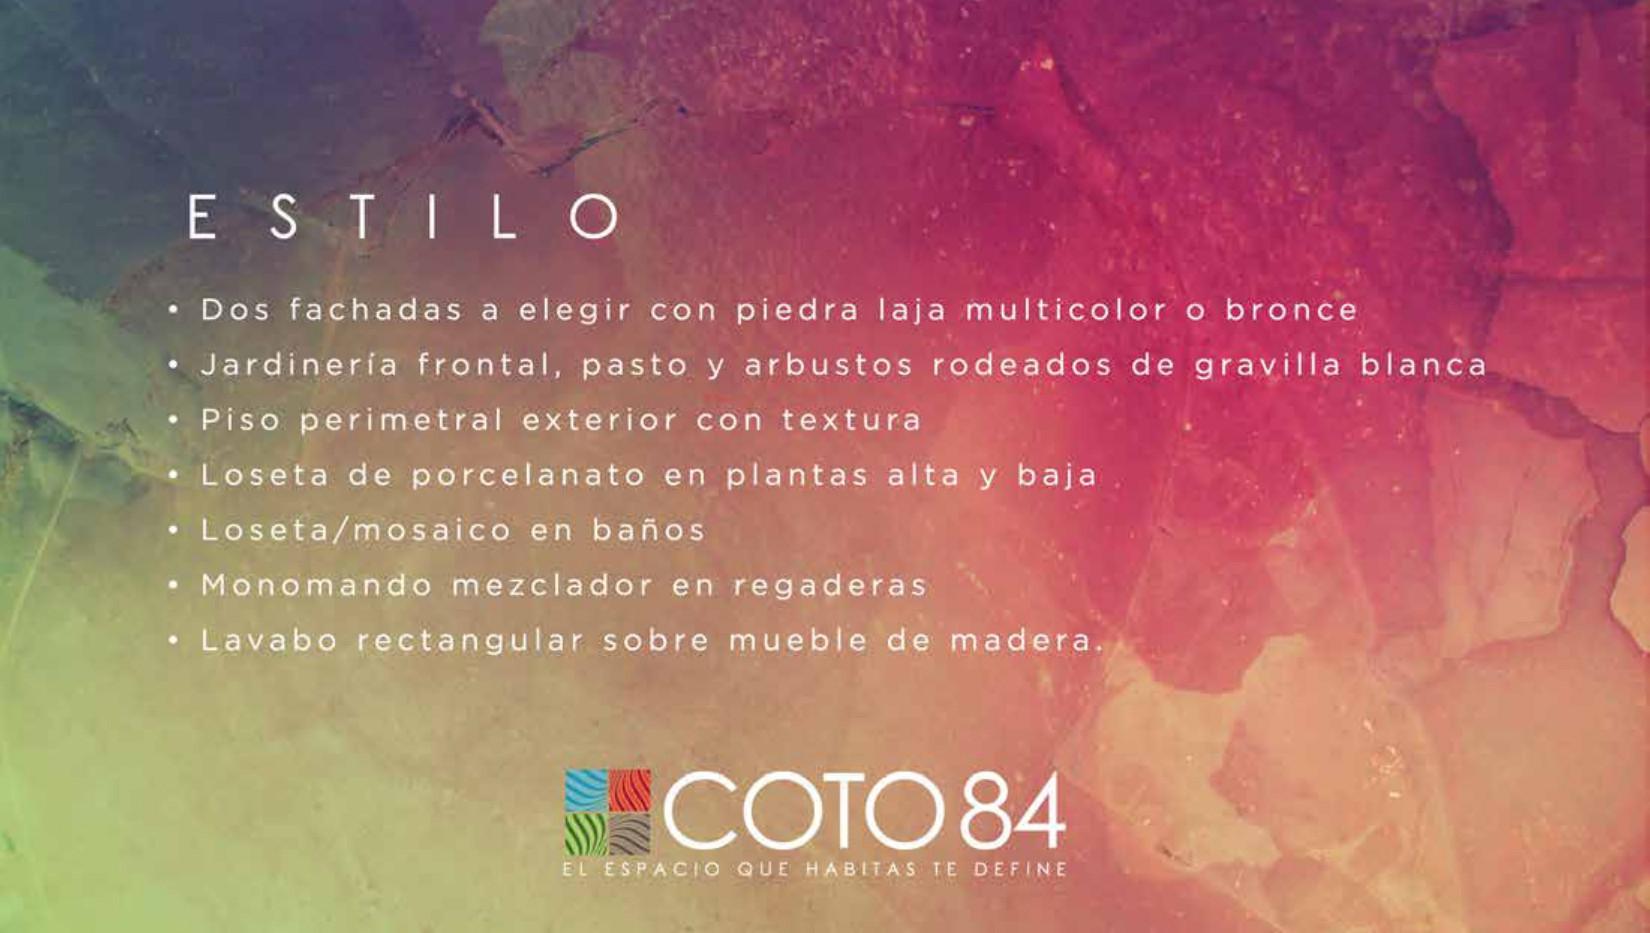 CV COTO 84_page-0011.jpg